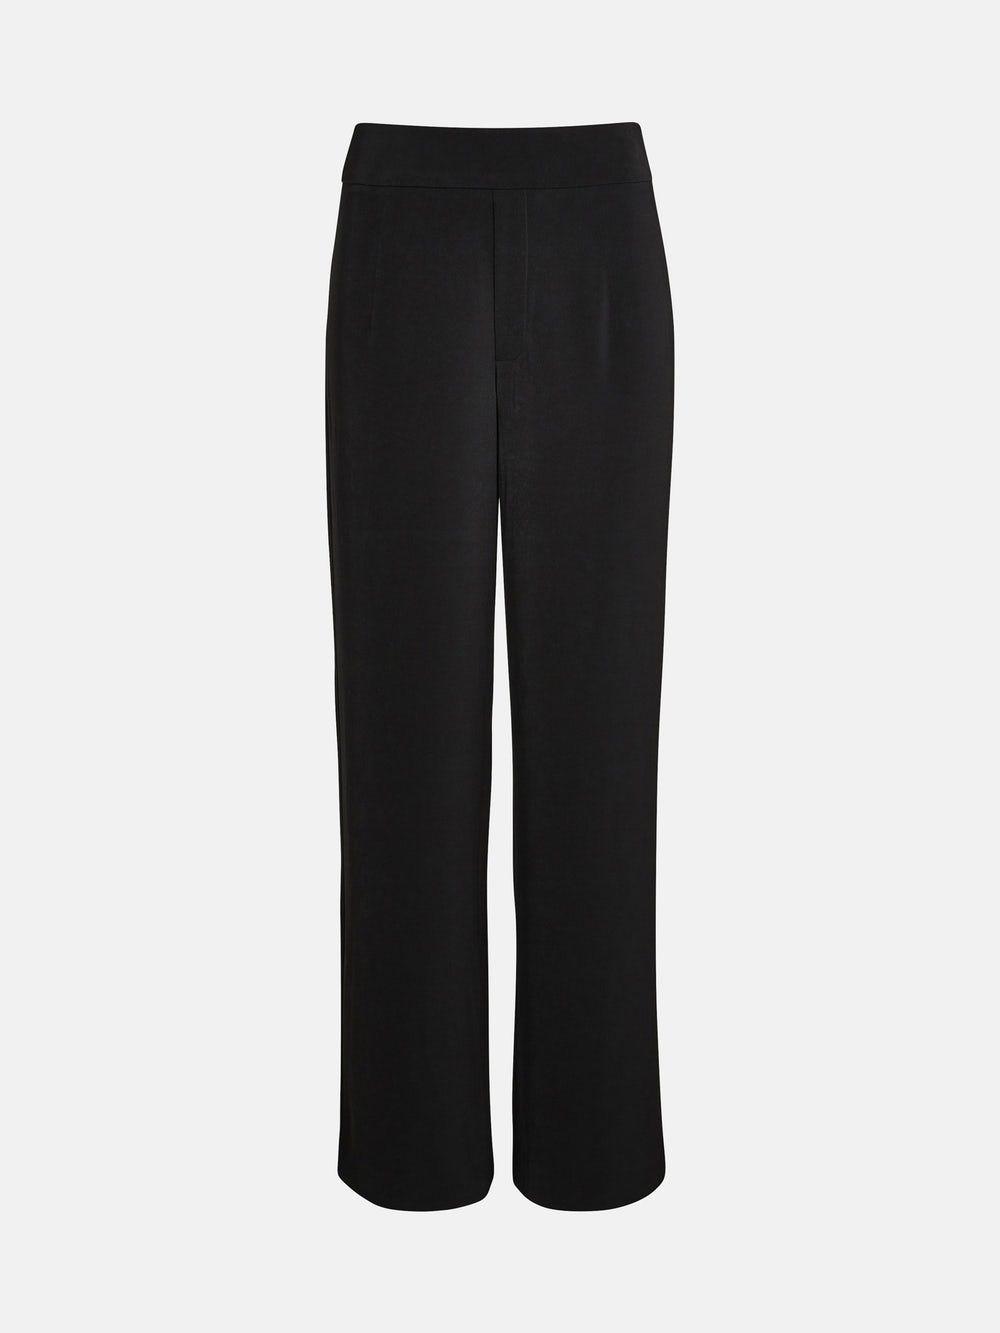 Shop | Svarte bukser, Damebukser, Bukser